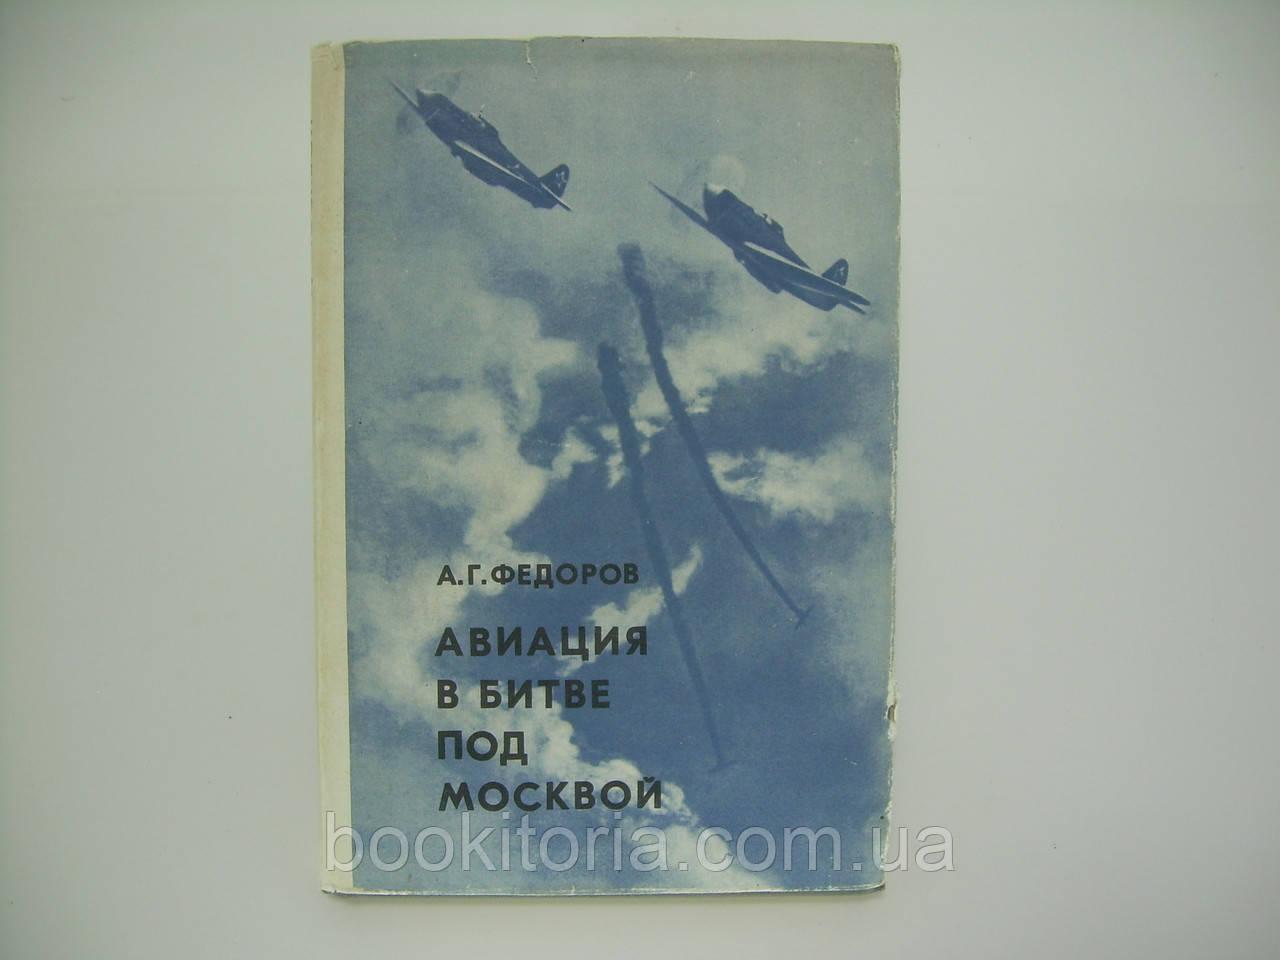 Федоров А.Г. Авиация в битве под Москвой (б/у).